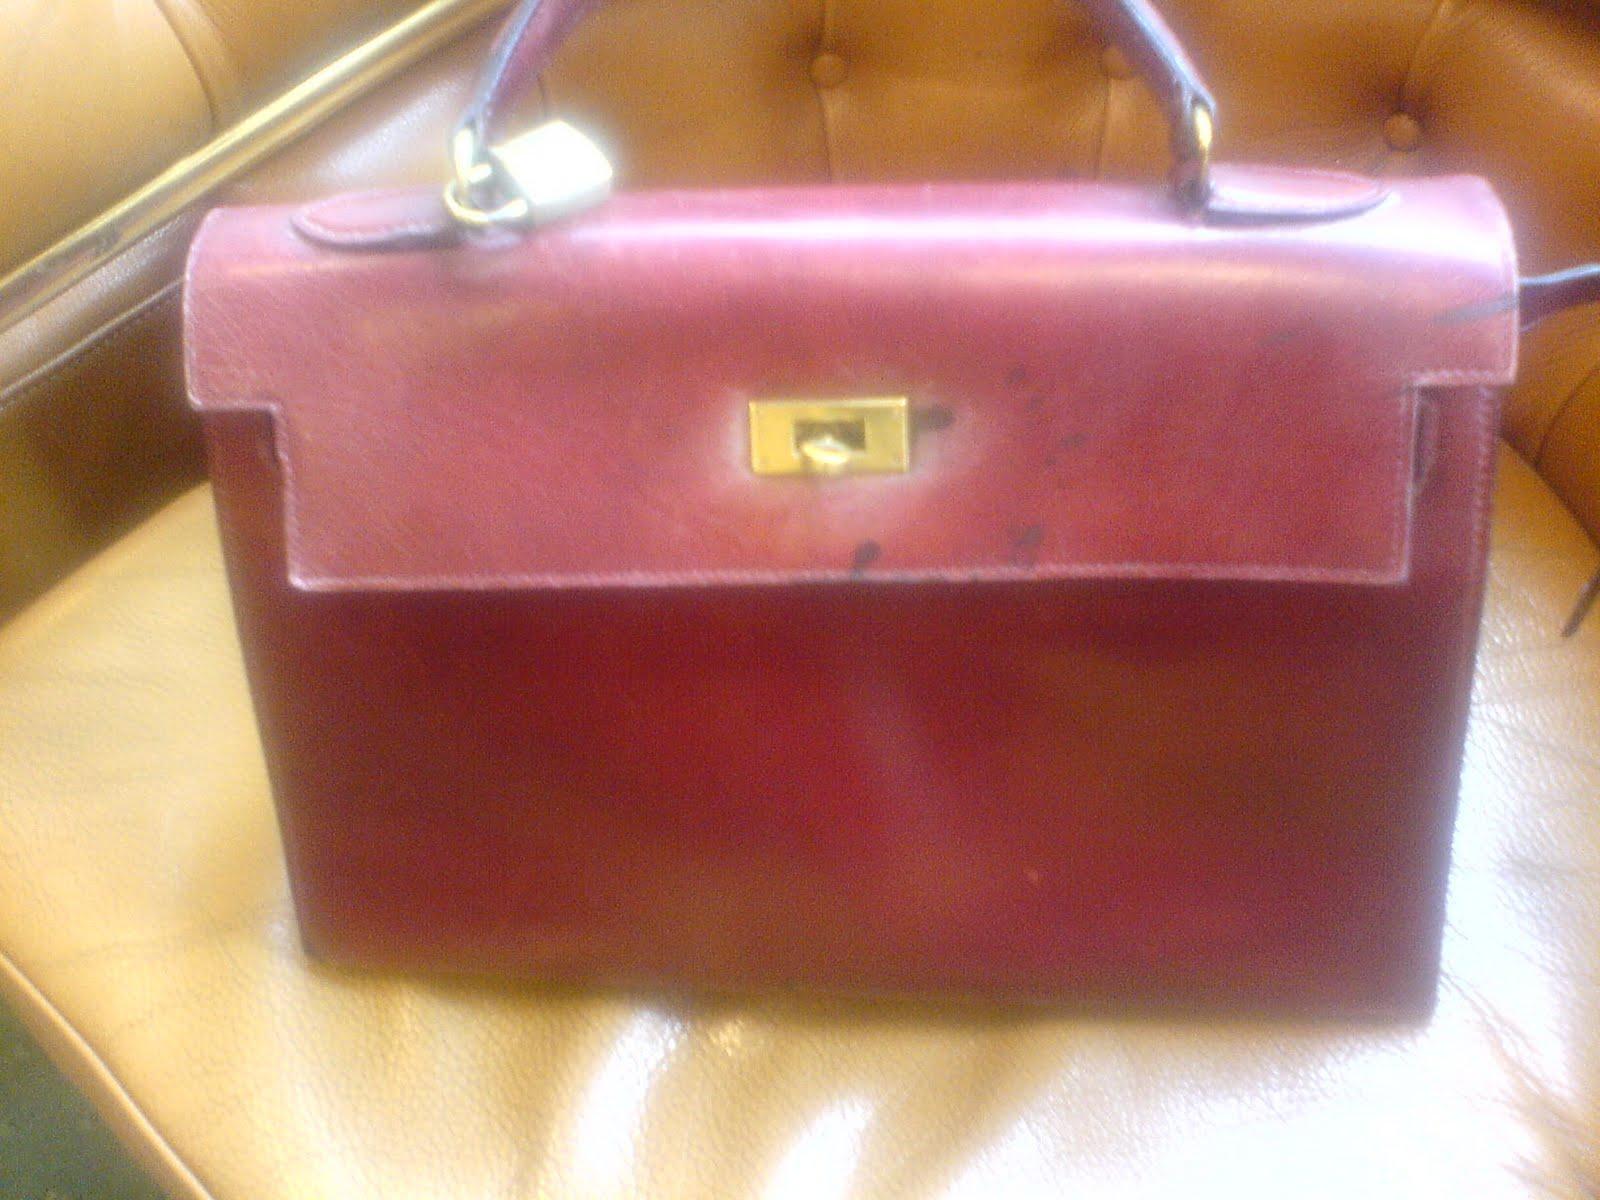 Salon cireur talon rouge paris teinture d 39 un sac hermes bordeaux en noir - Teinture rouge bordeaux ...